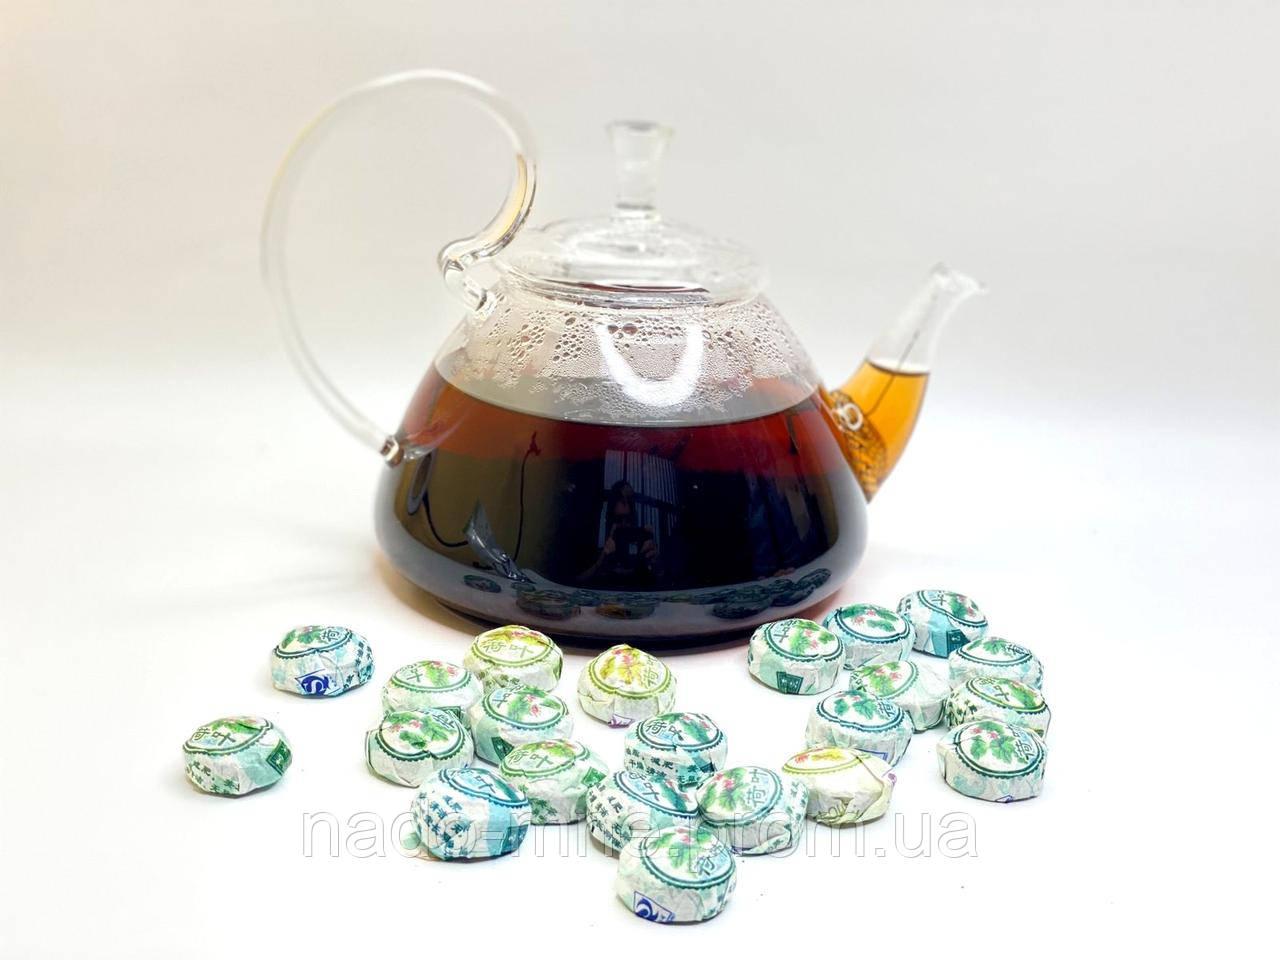 Чай элитный прессованный черный, Шу Пуэр Мини Точа с хризантемой, 4-6 г